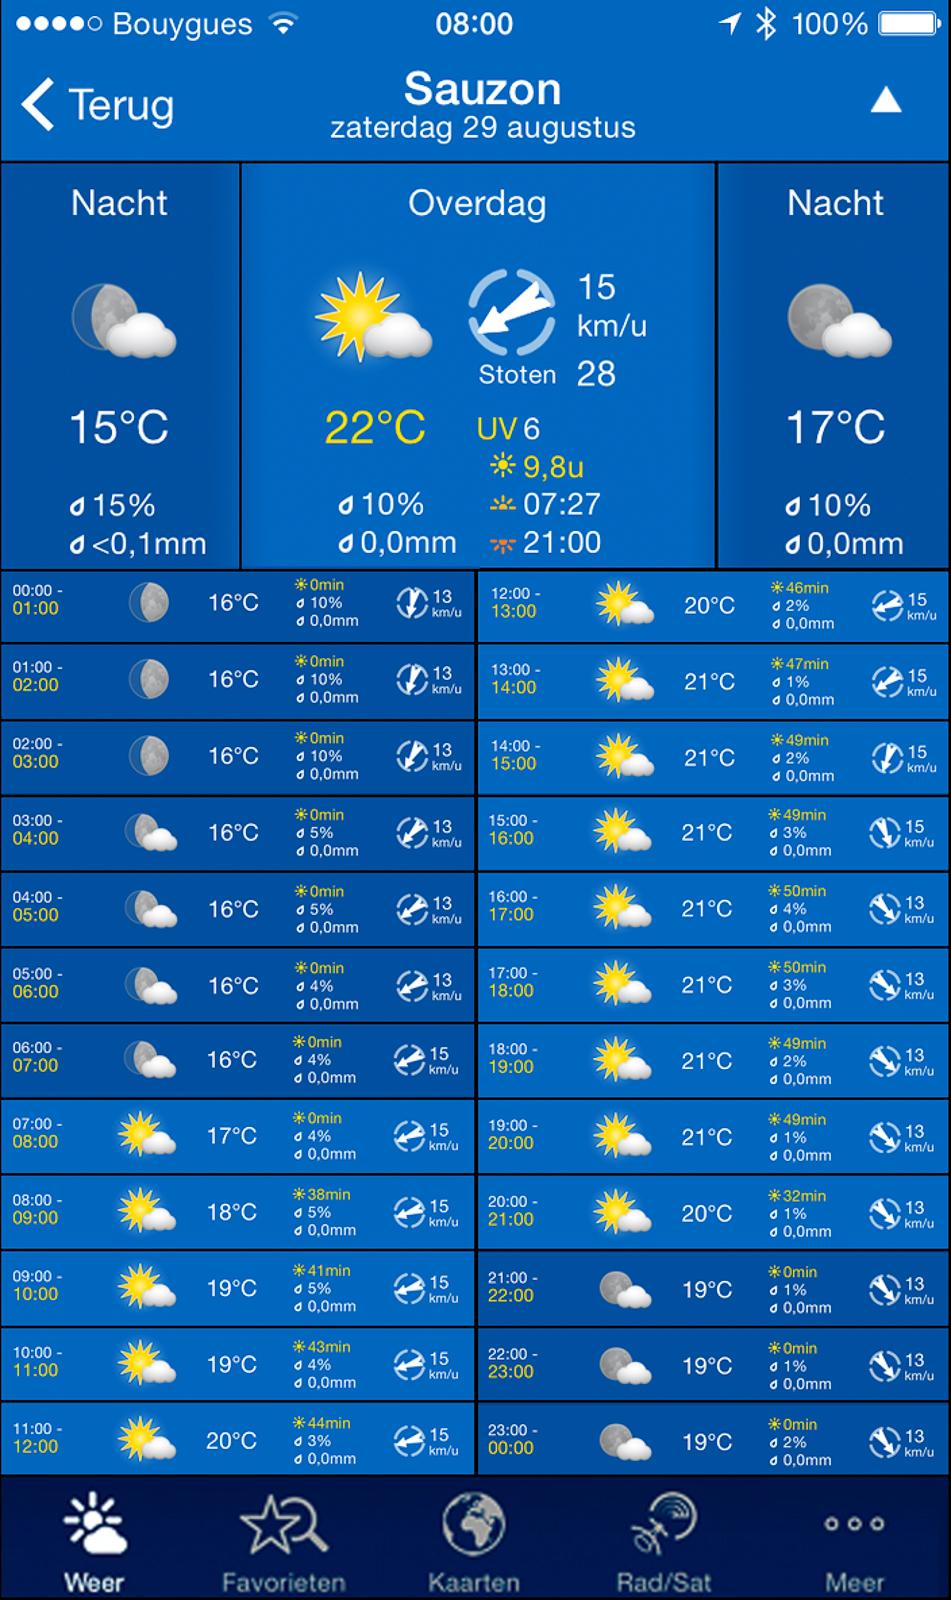 20150829-Dag10-Belle-Ile-en-Mer-01-WeersvoorspellingSauzon